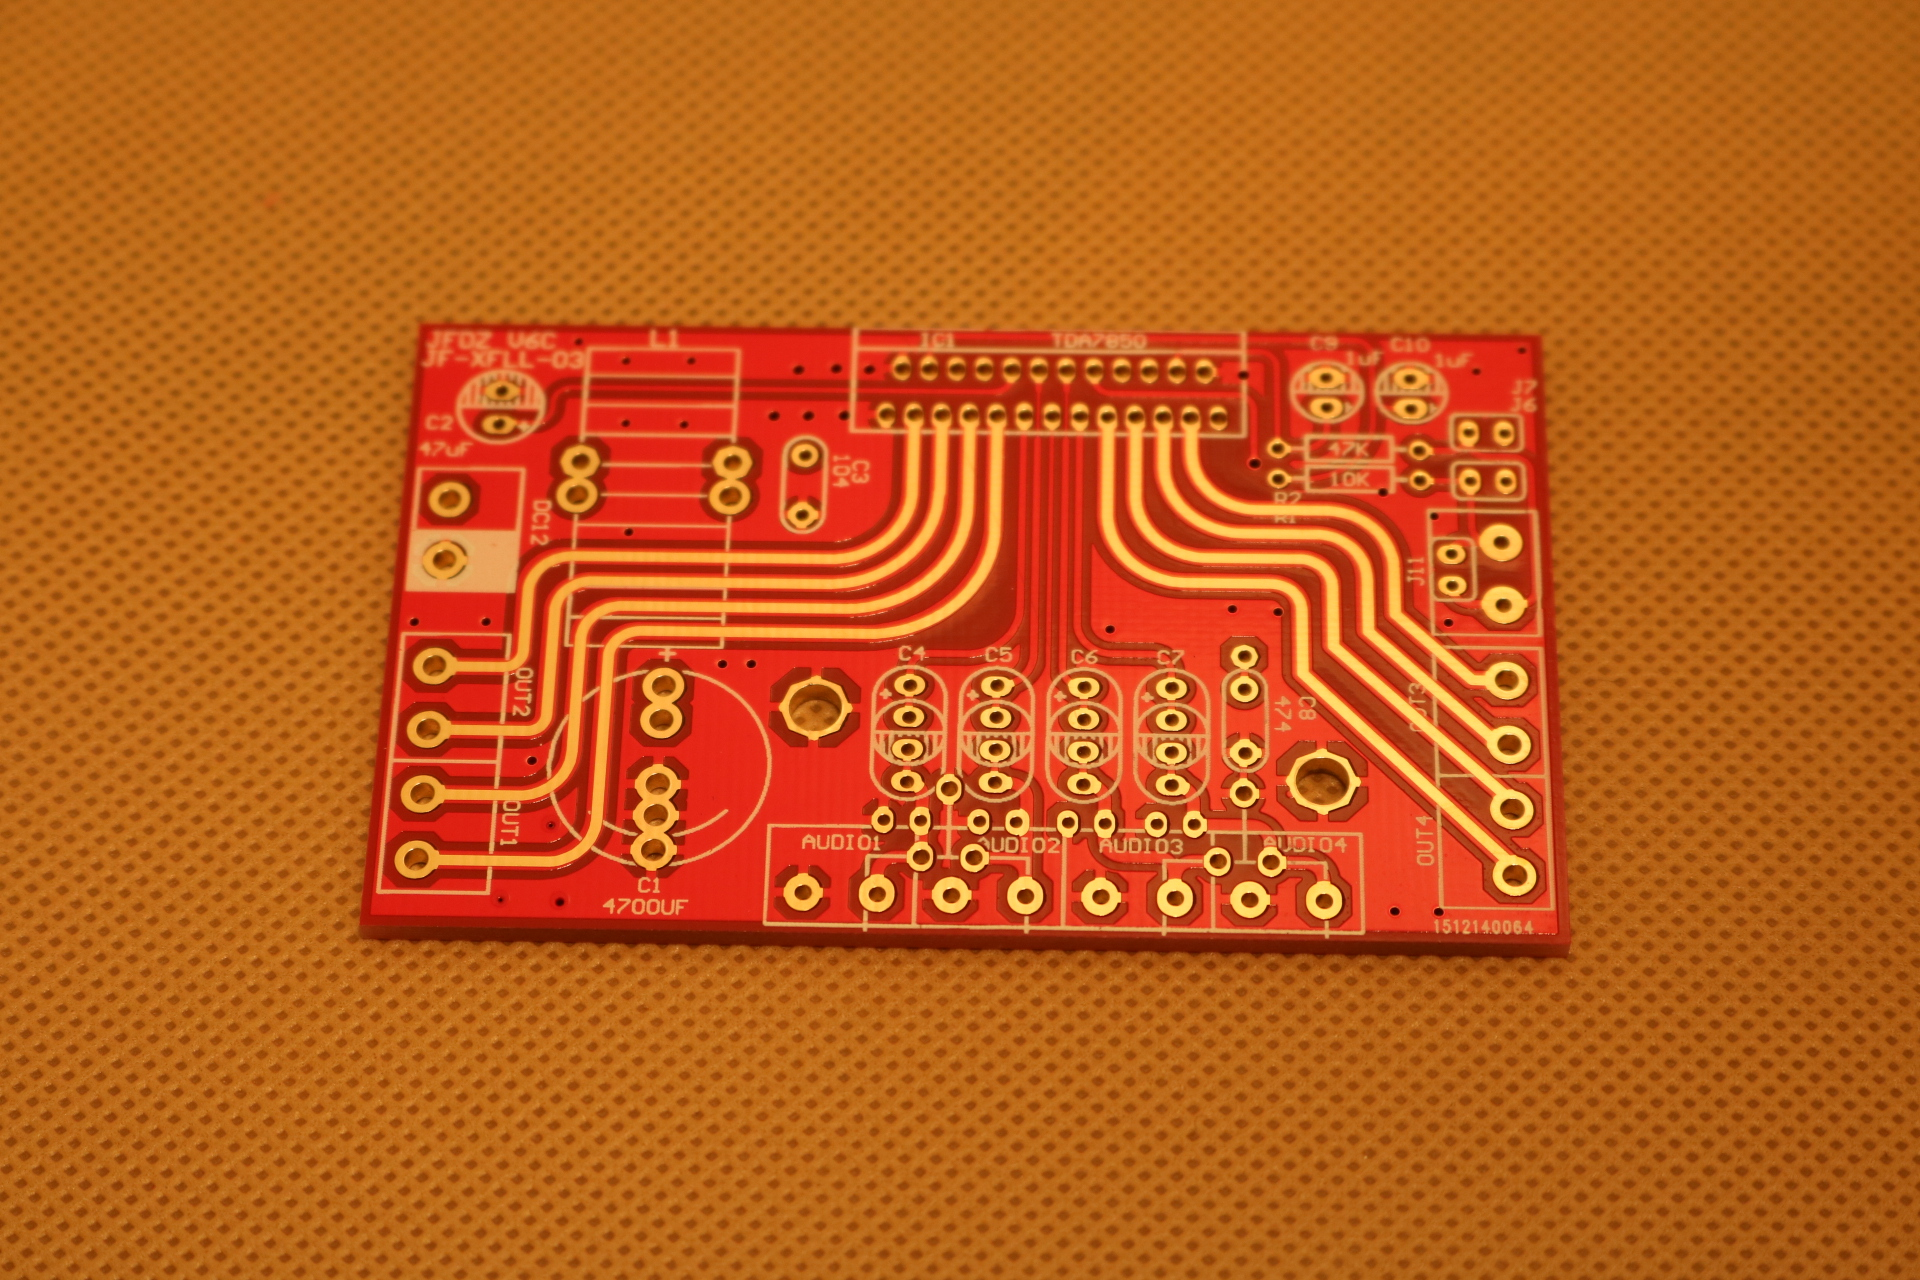 Позолоченные мощности Усилитель PCB печатной платы TDA7850 4 * 50W совместимый 7388 серии чип Kit